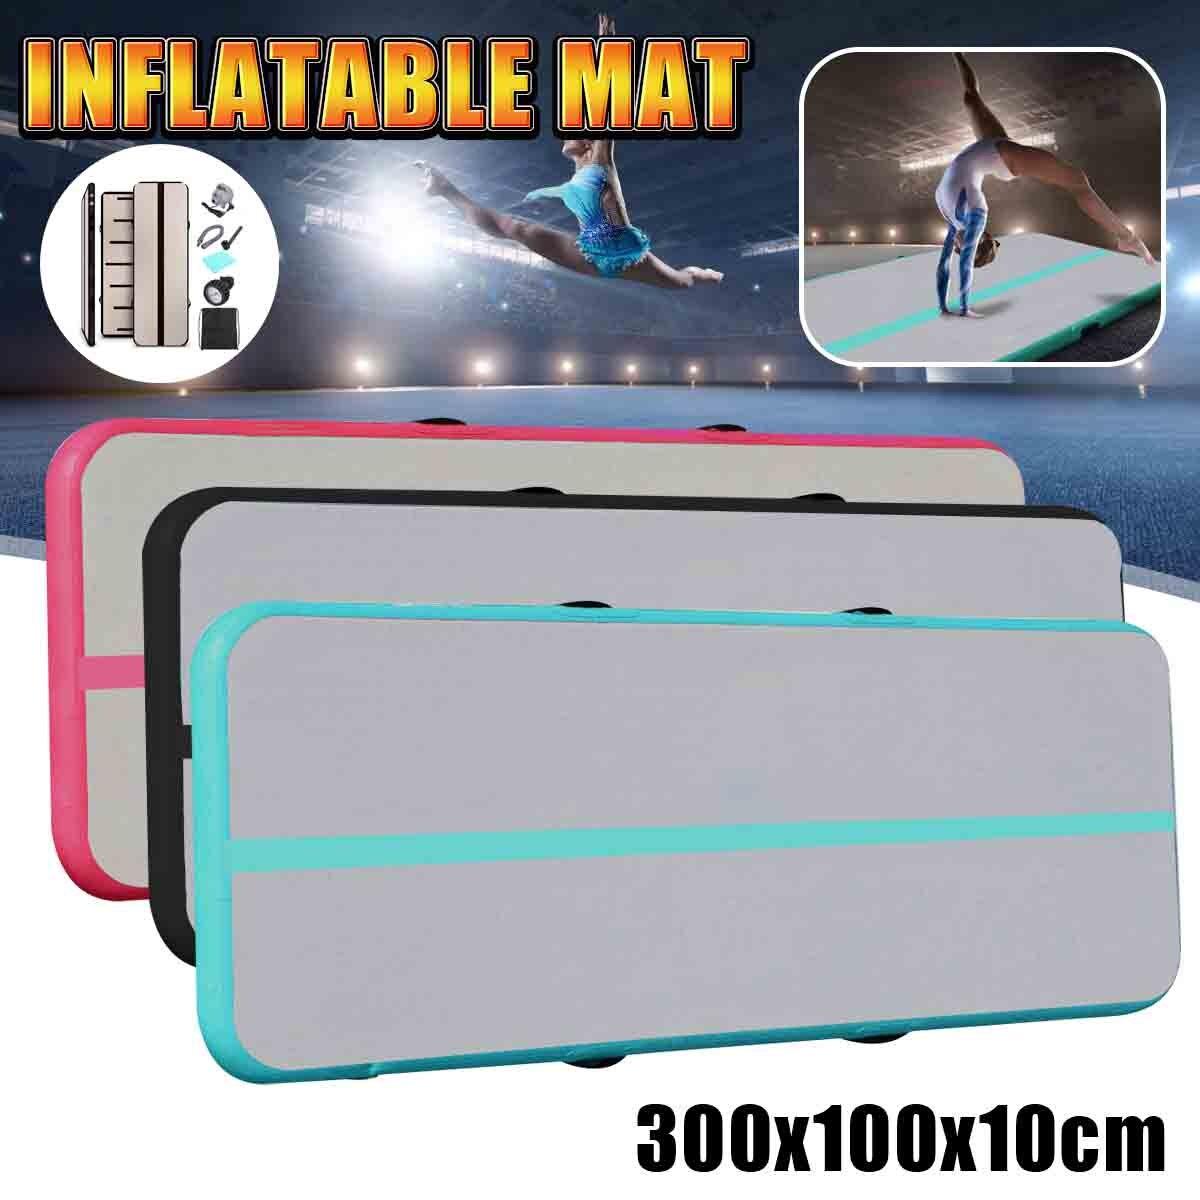 300x100x10 cm tapis de gymnastique gonflable avec pompe à Air Airtrack gymnastique Air culbuteur Trampoline pour Yoga Taekwondo